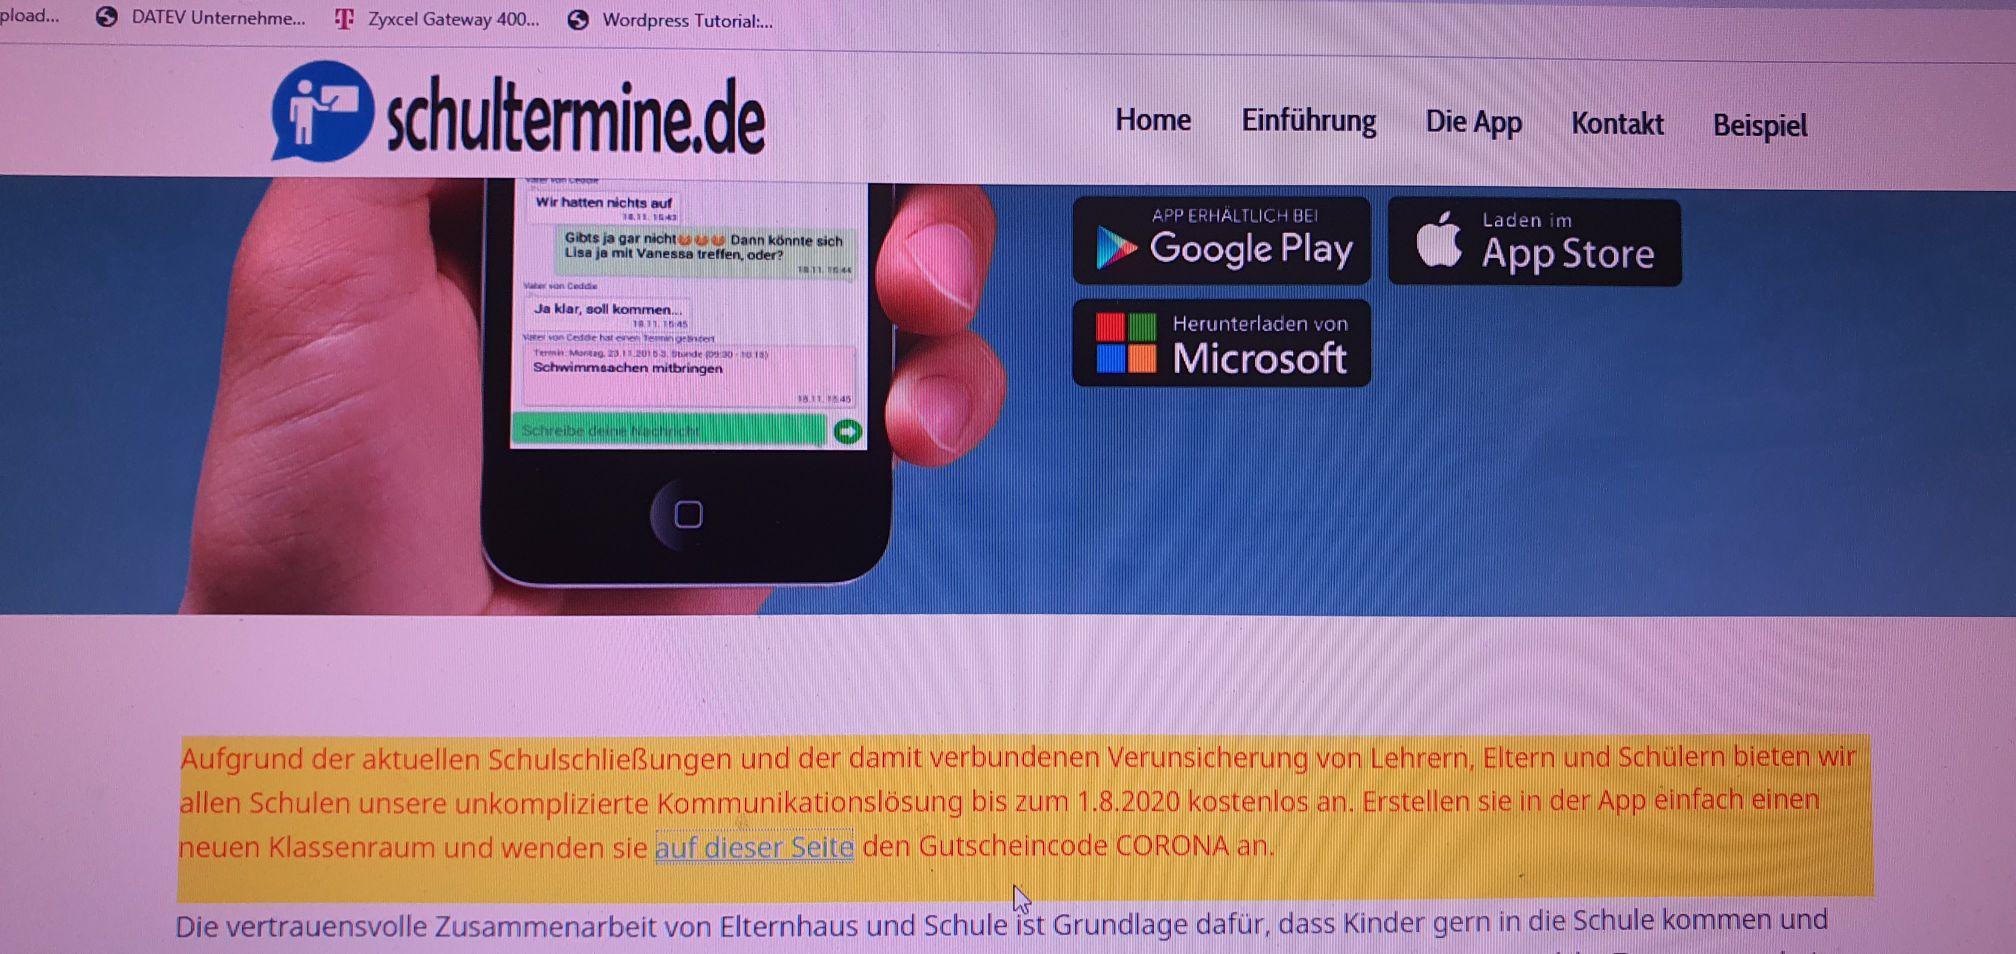 App für Schulkommunikation kostenlos bis 1.8.2020